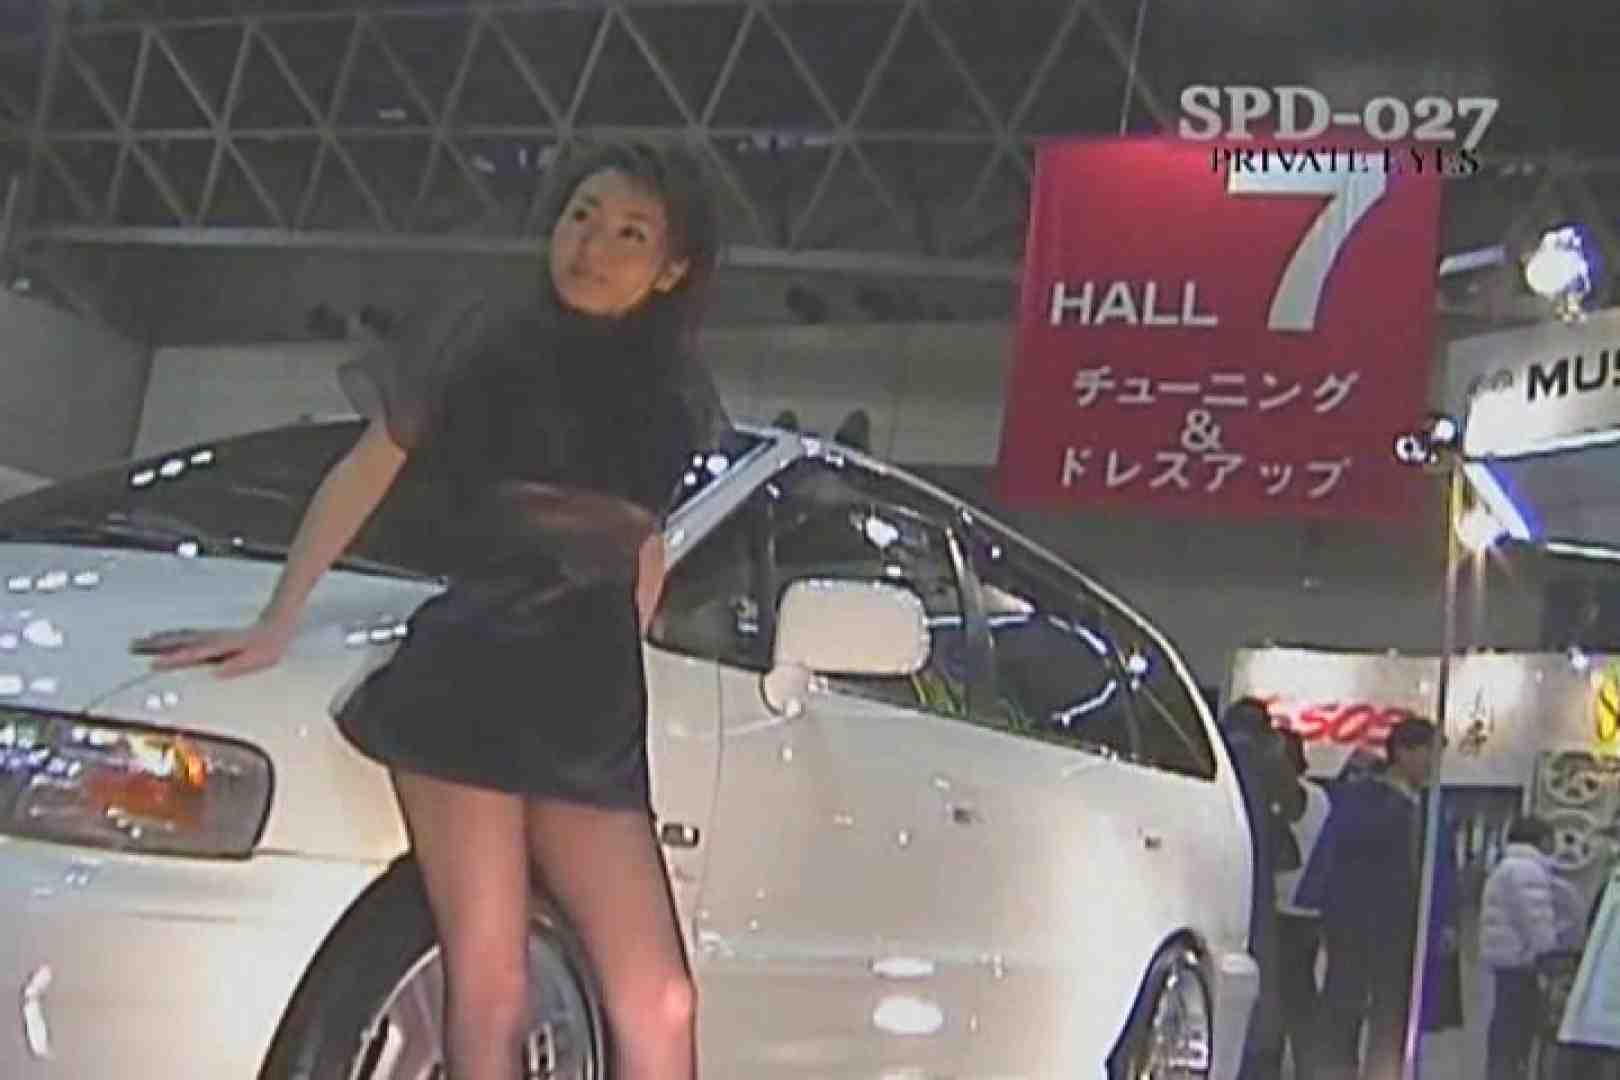 高画質版!SPD-027 キャンギャル赤外線&盗撮 名作 SEX無修正画像 62連発 23